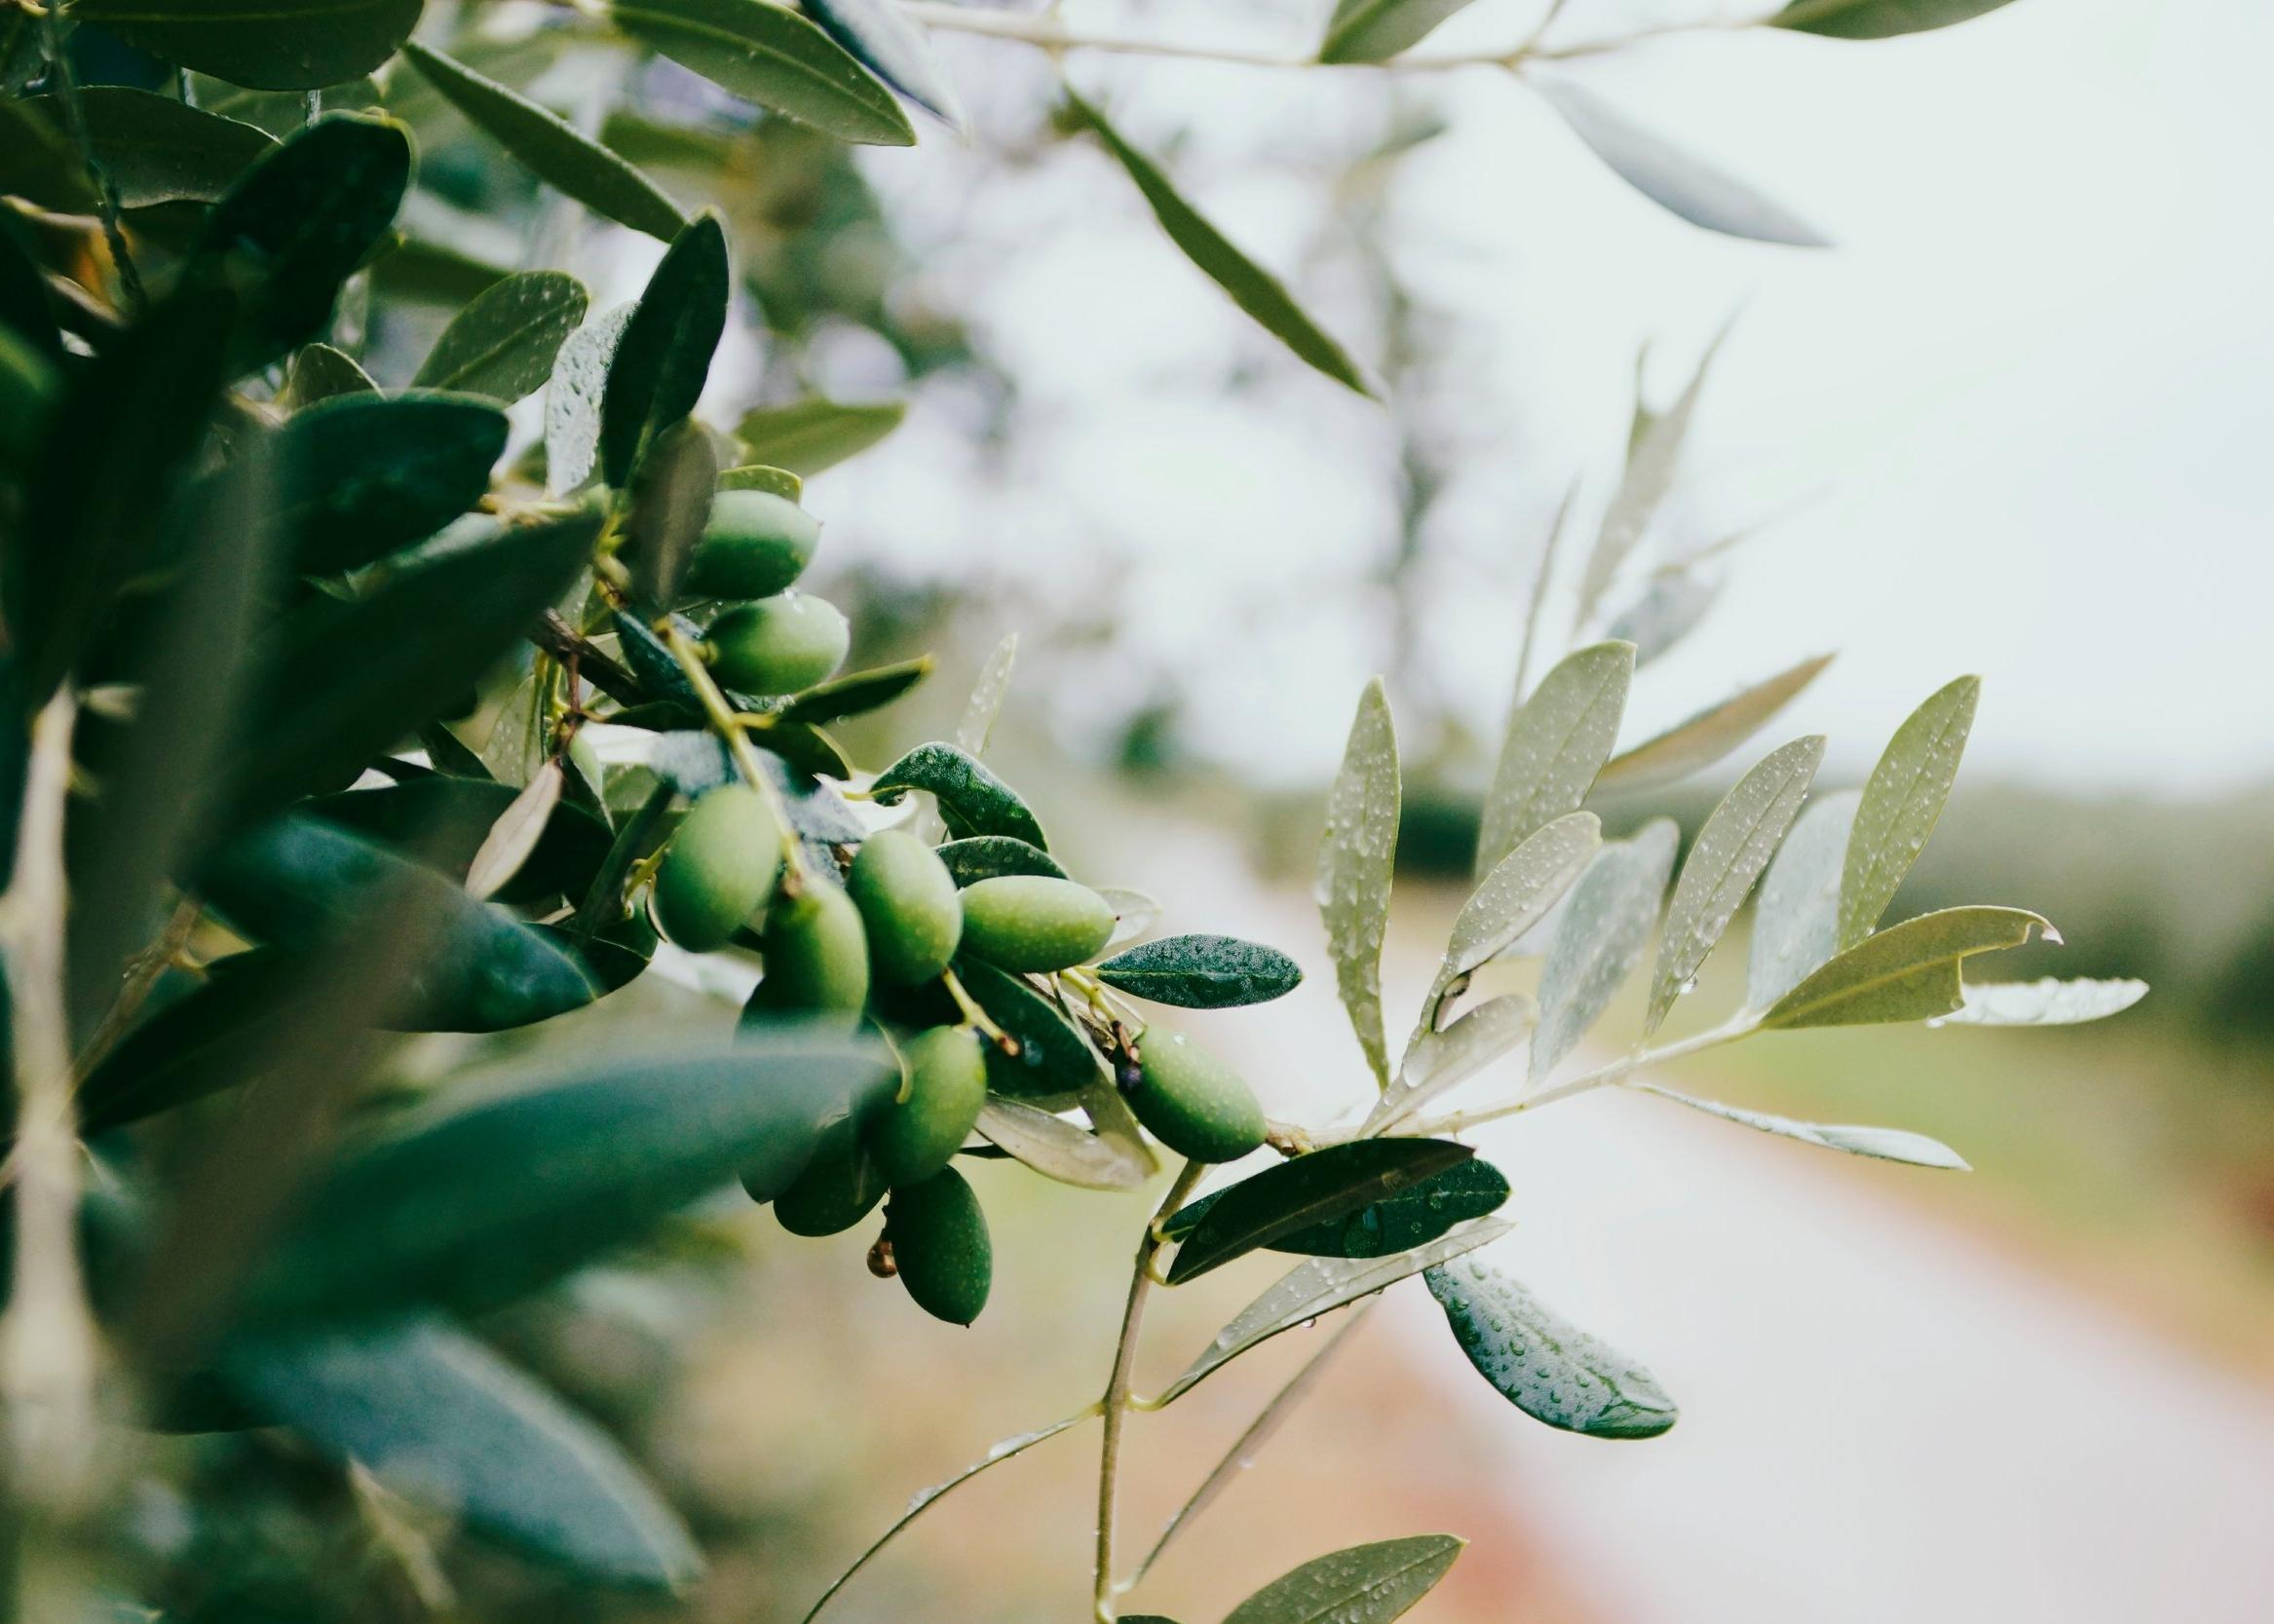 Taziki's Imported Olive Oil